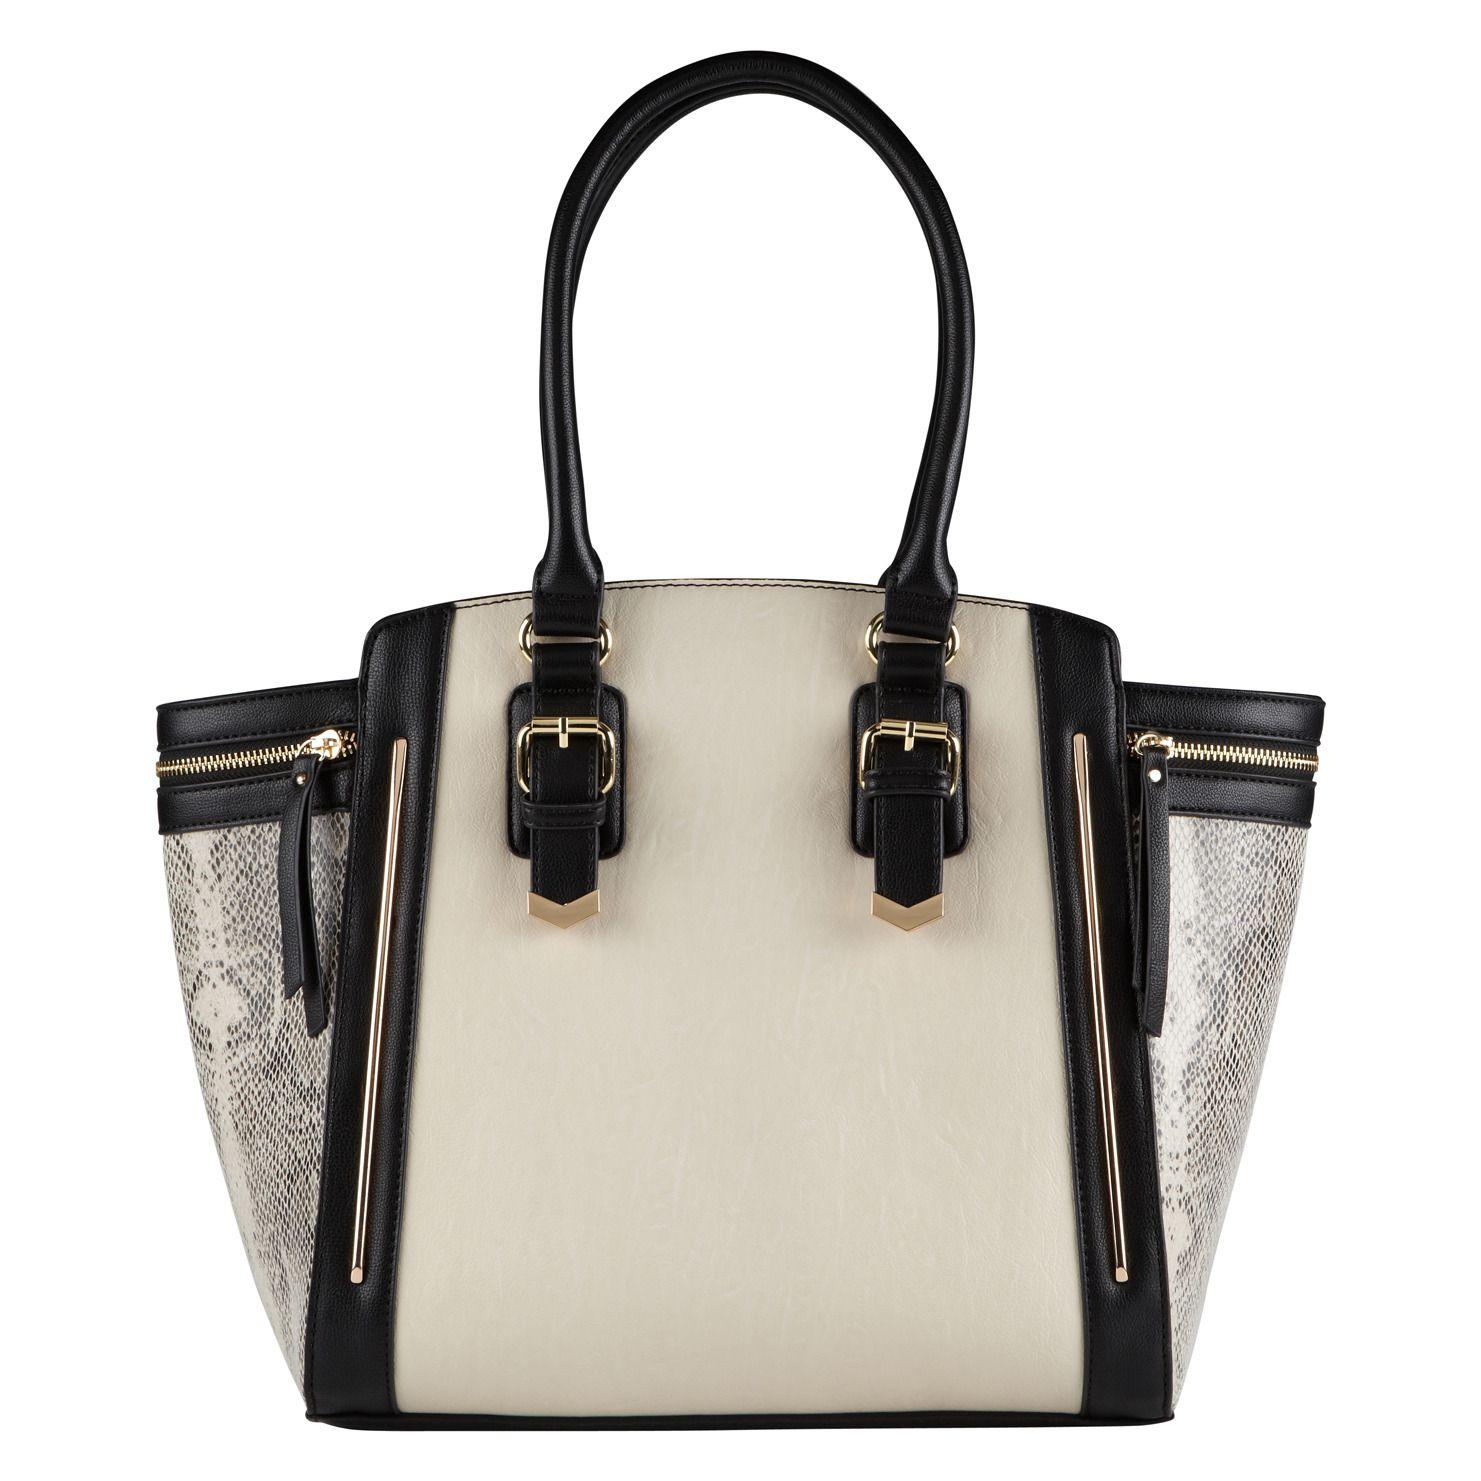 Portman S Shoulder Bags Totes Handbags For At Aldo Shoes